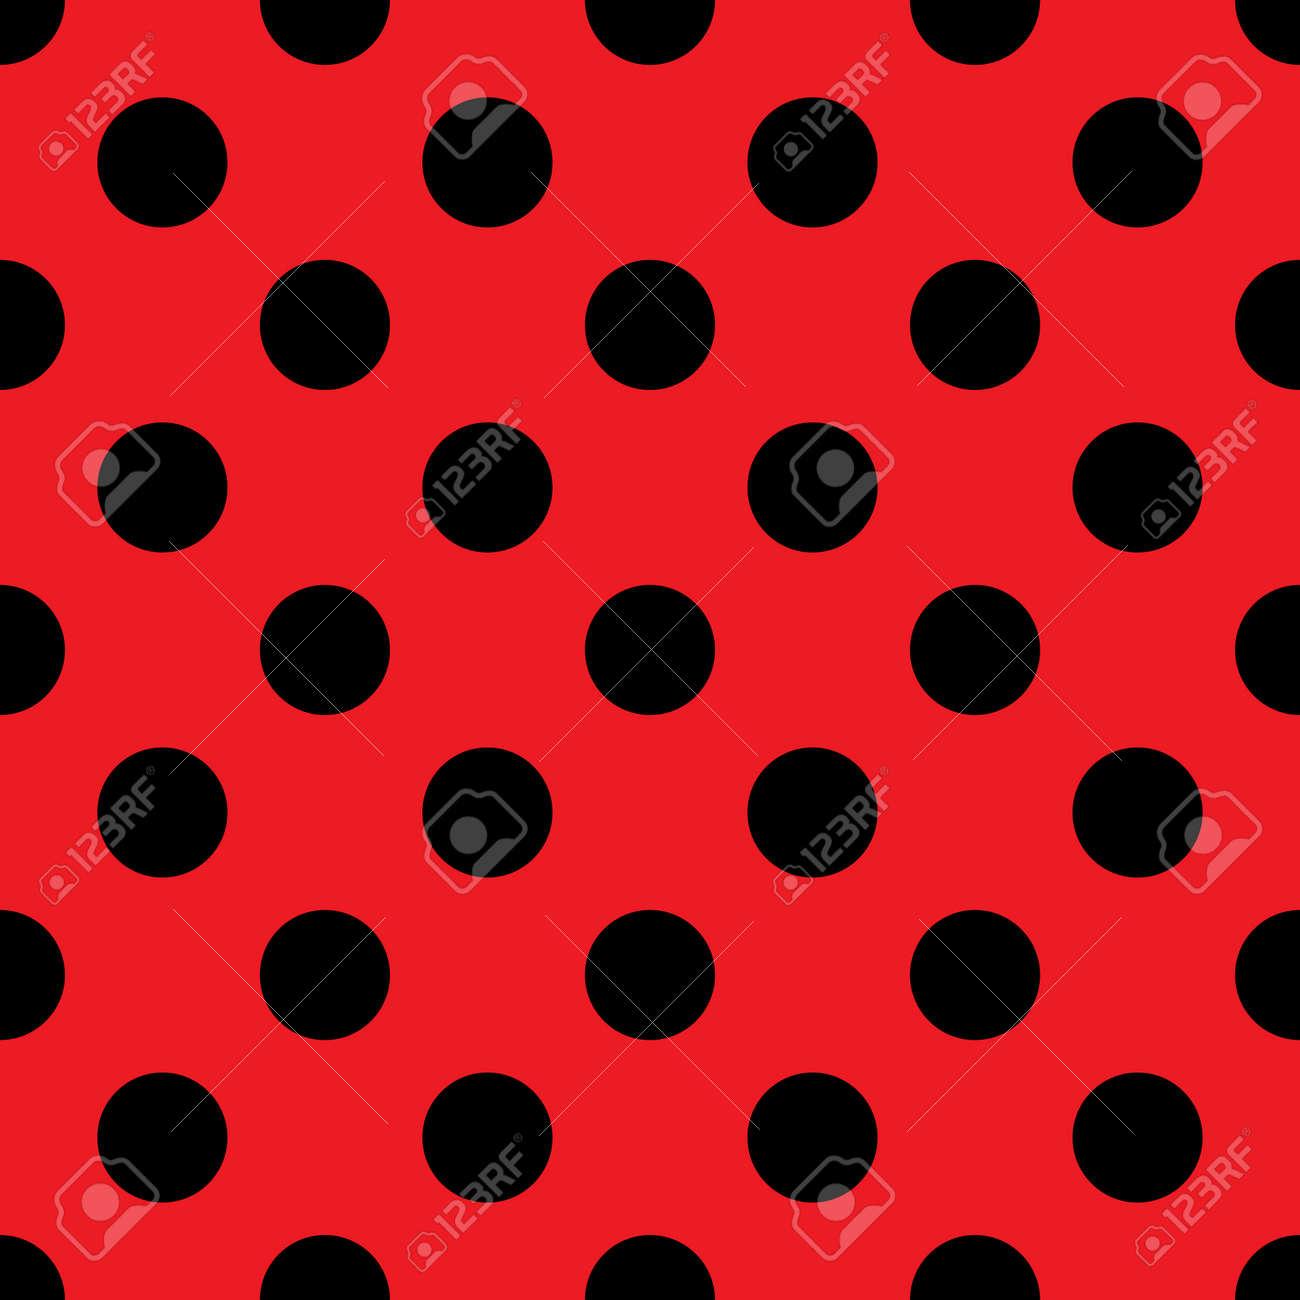 Big Polka Dot Nahtlose Muster. Abstrakte Mode Rote Und Schwarze ...